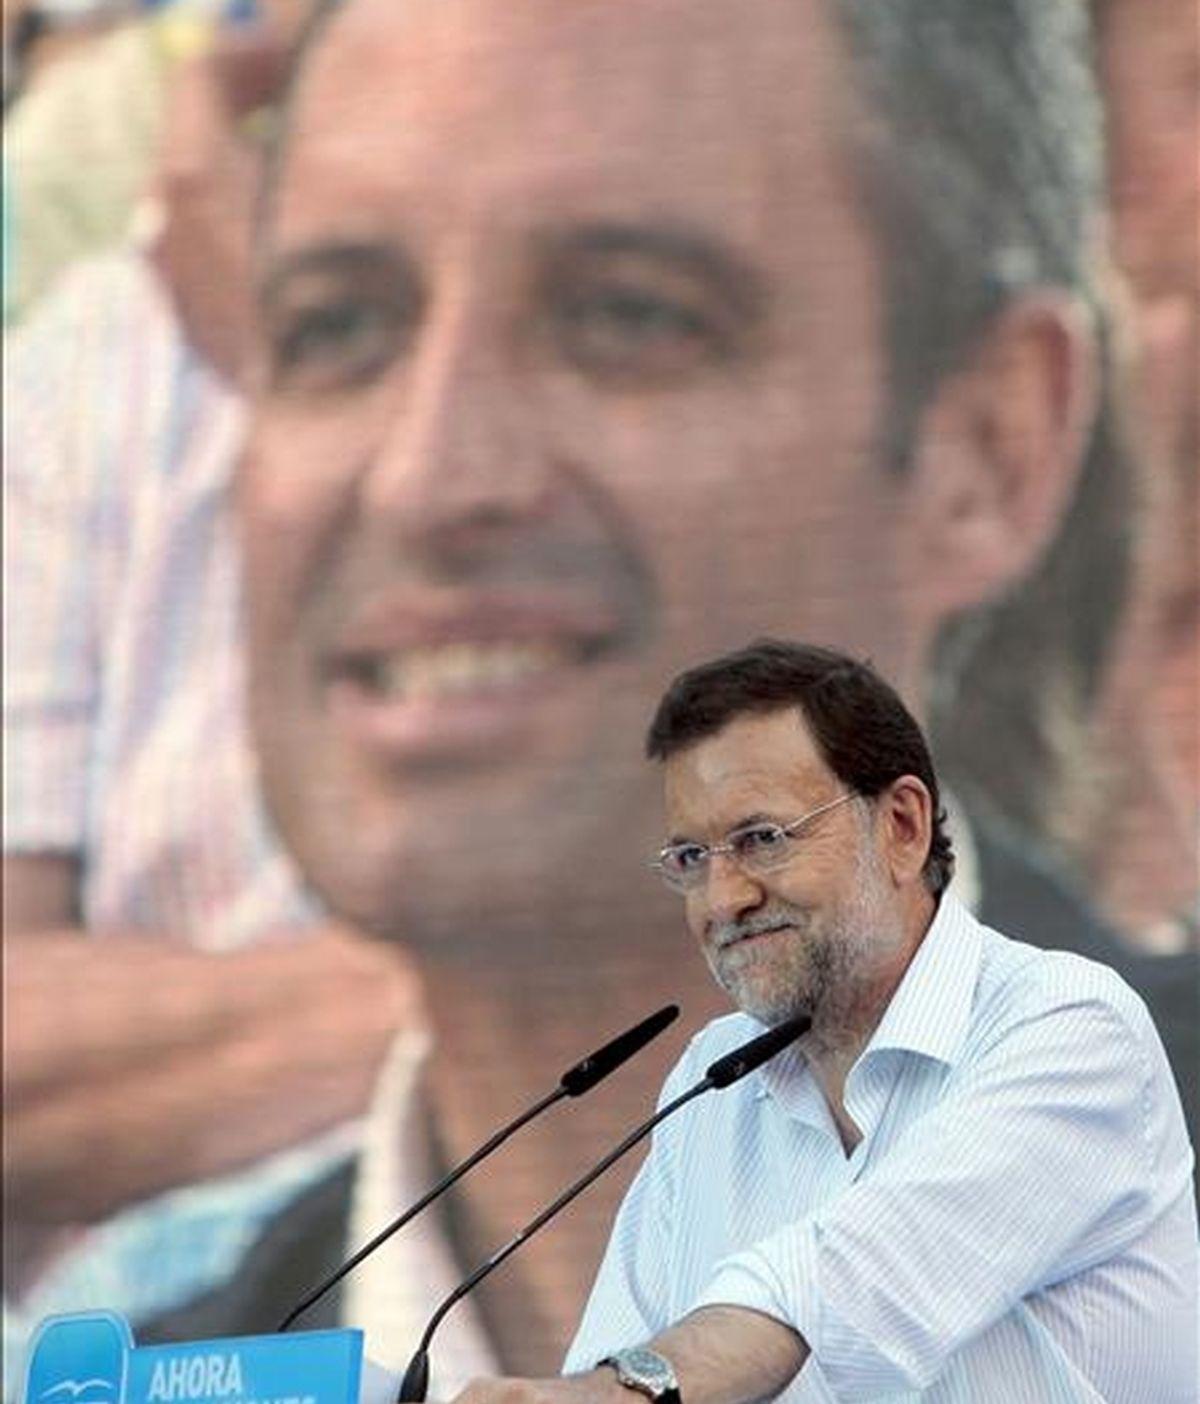 El presidente del PP, Mariano Rajoy, interviene, con la imagen de Francisco Camps de fondo, en el mitin celebrado hoy en la Plaza de Toros de Valencia. EFE